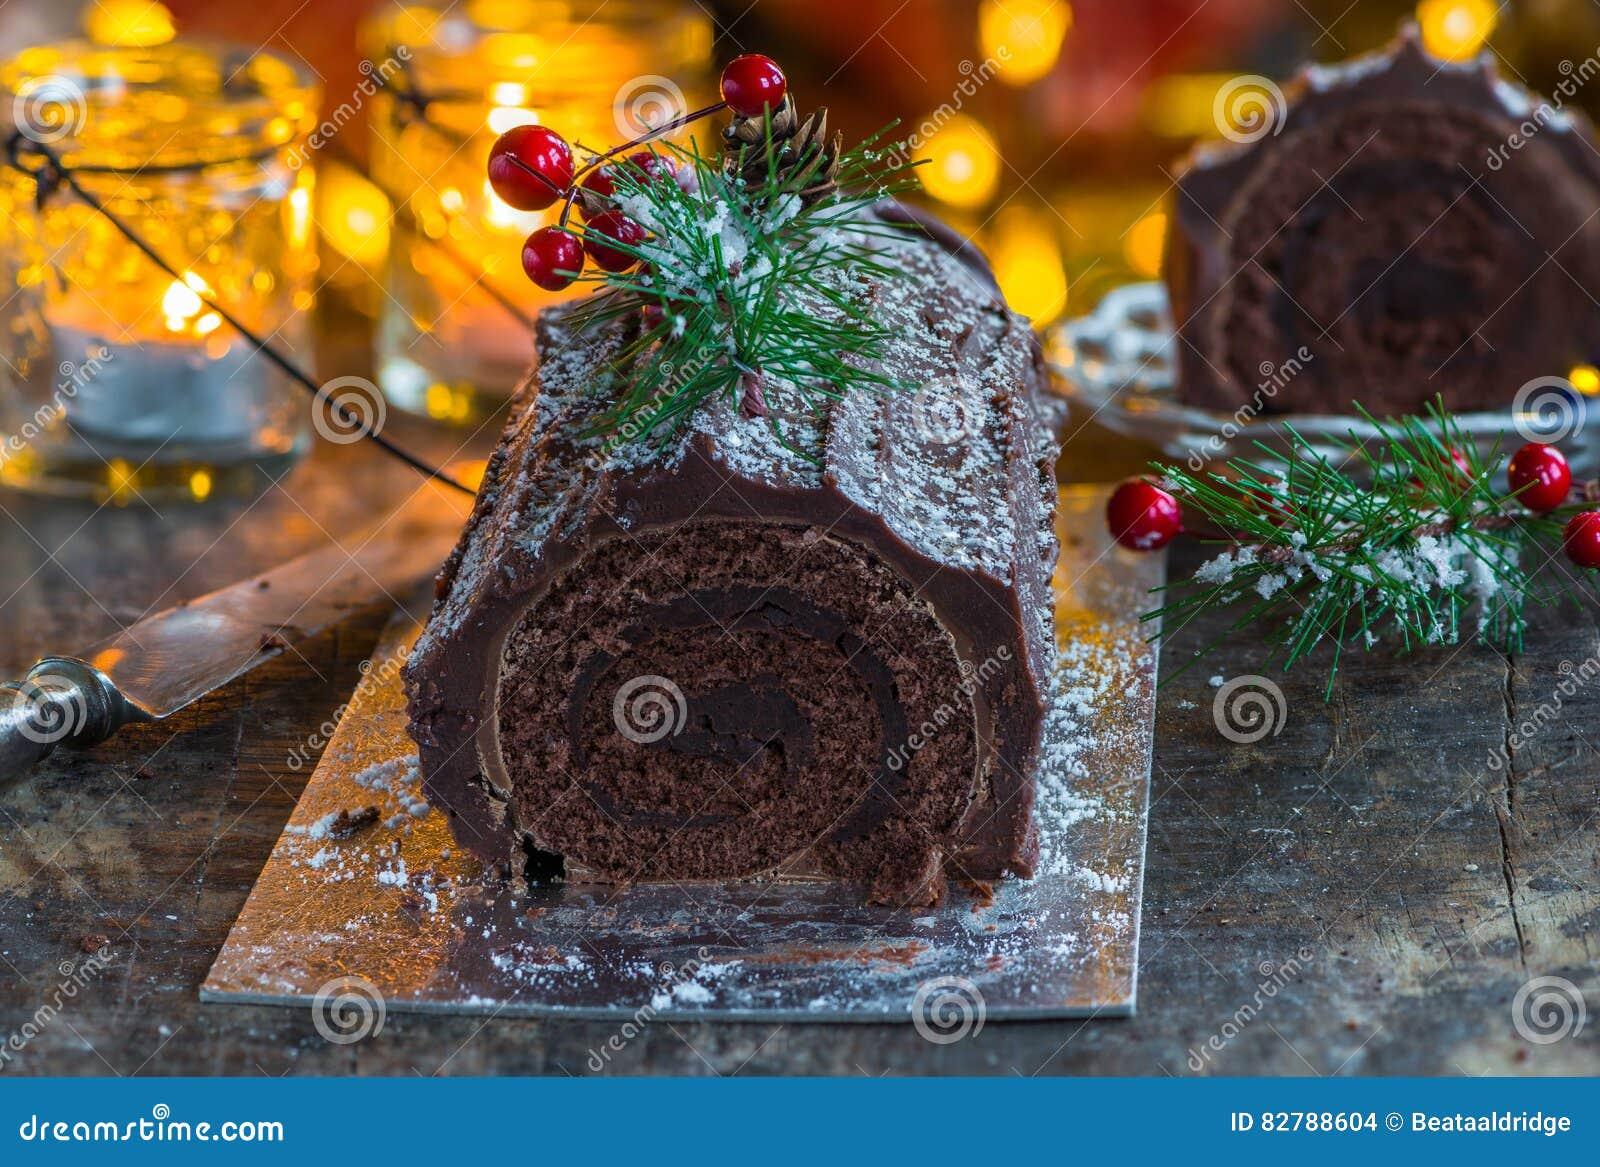 Chocolat Yule Log